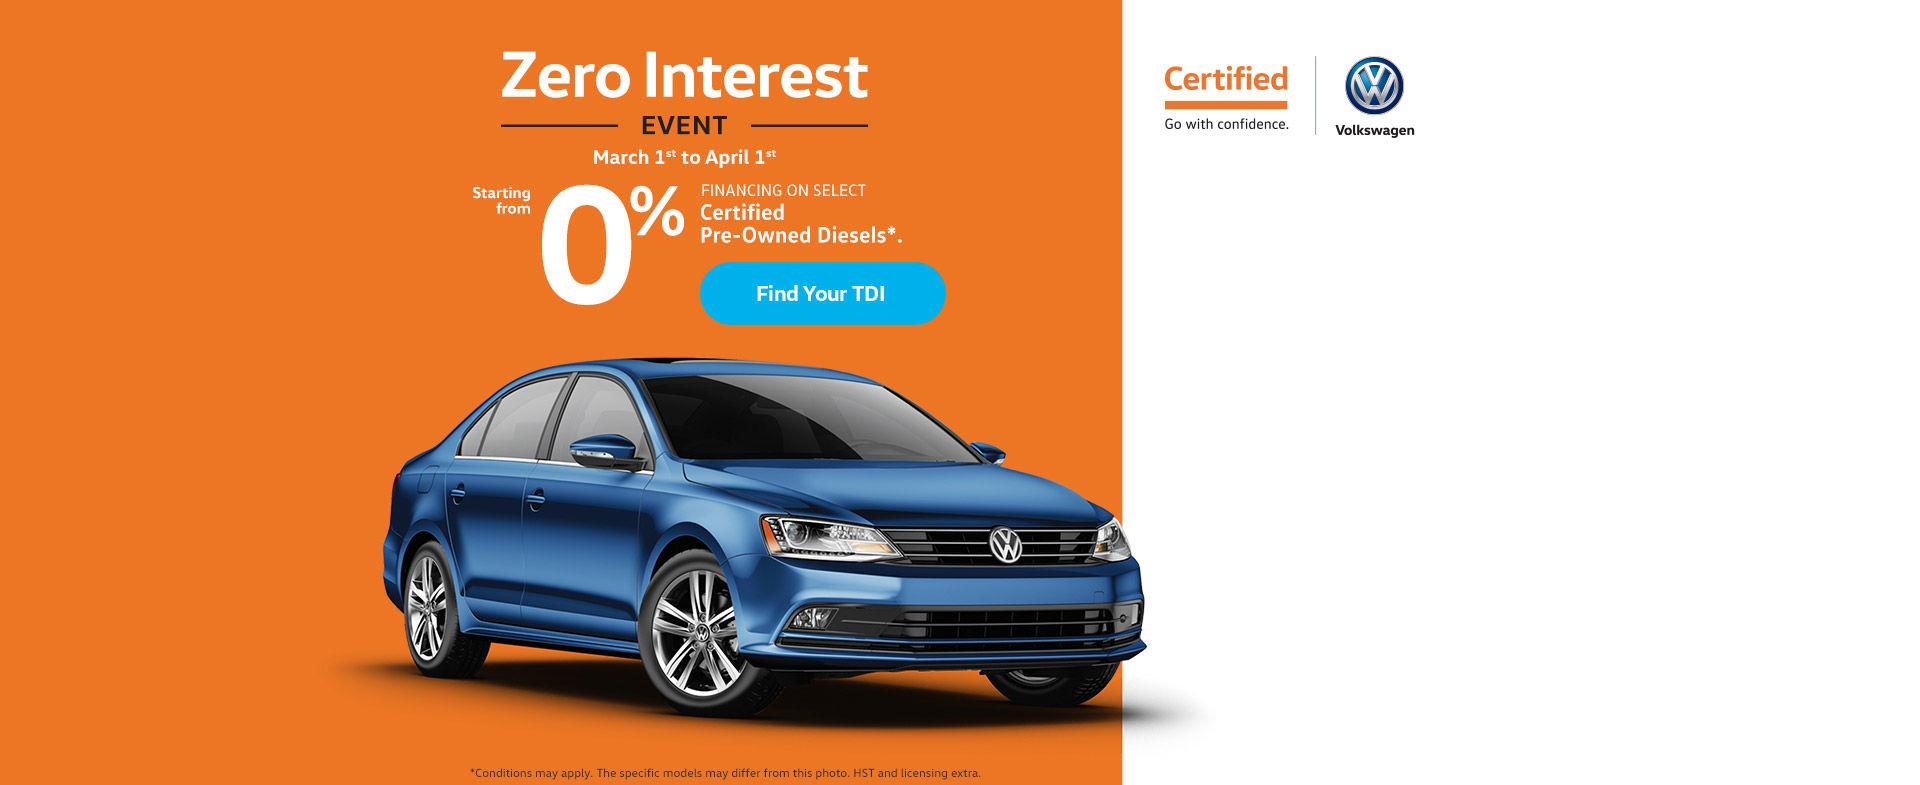 The Zero Interest Event!